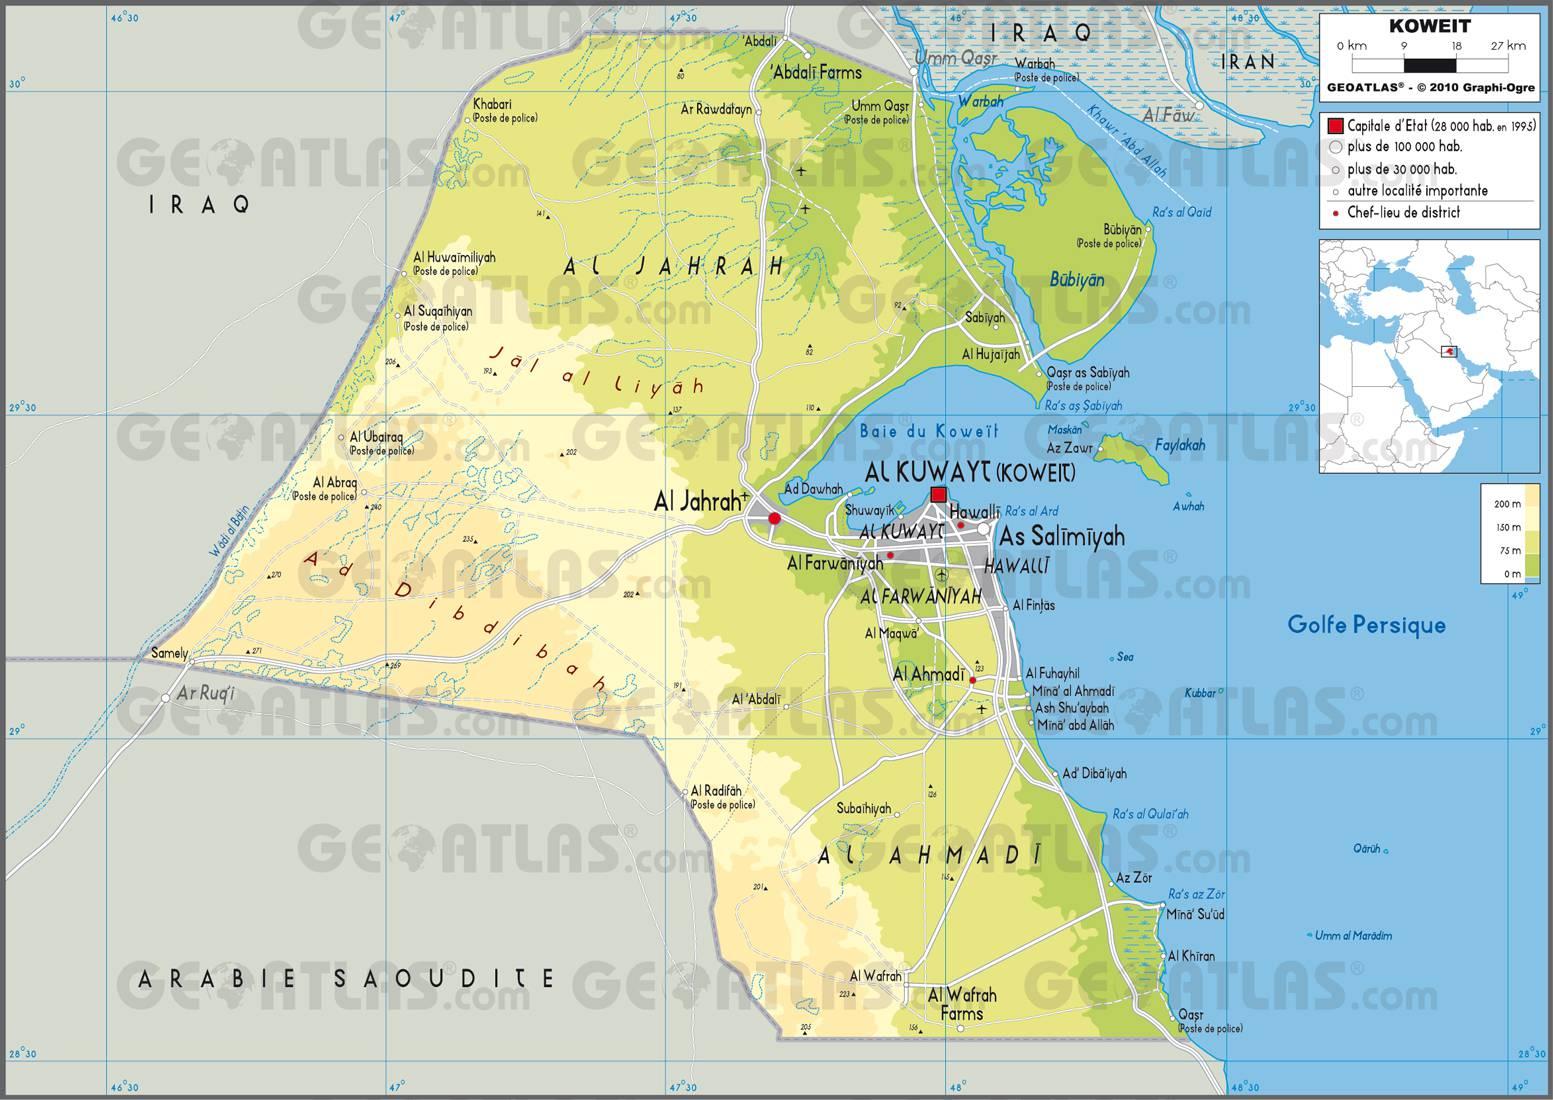 Carte du Koweït